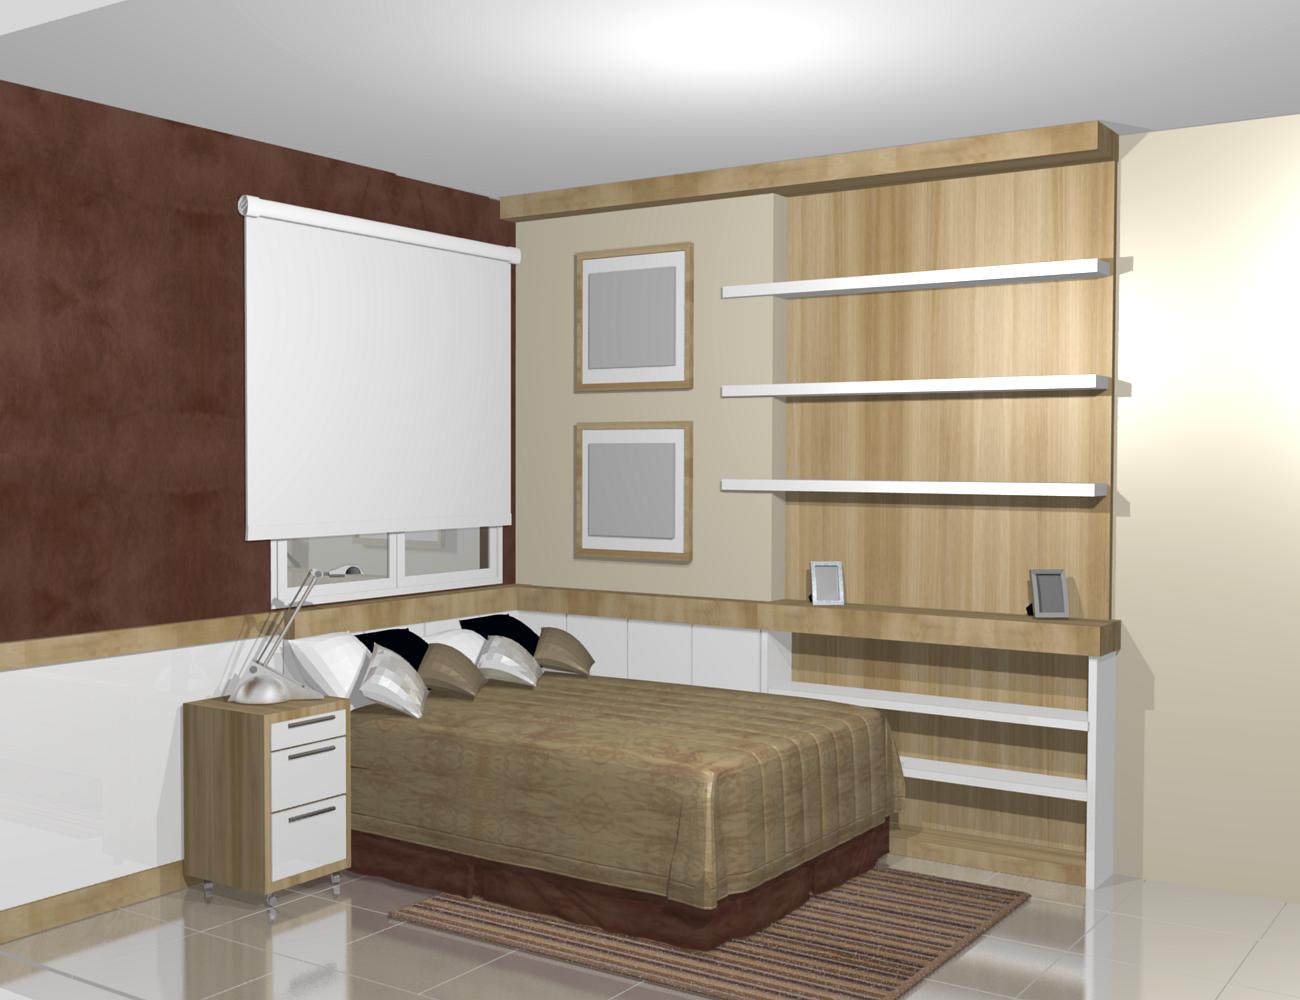 8616: DESIGN INTERIORES DESIGN MOVEIS PLANEJADOS DESIGN SALA DESIGN  #493027 1300 1000